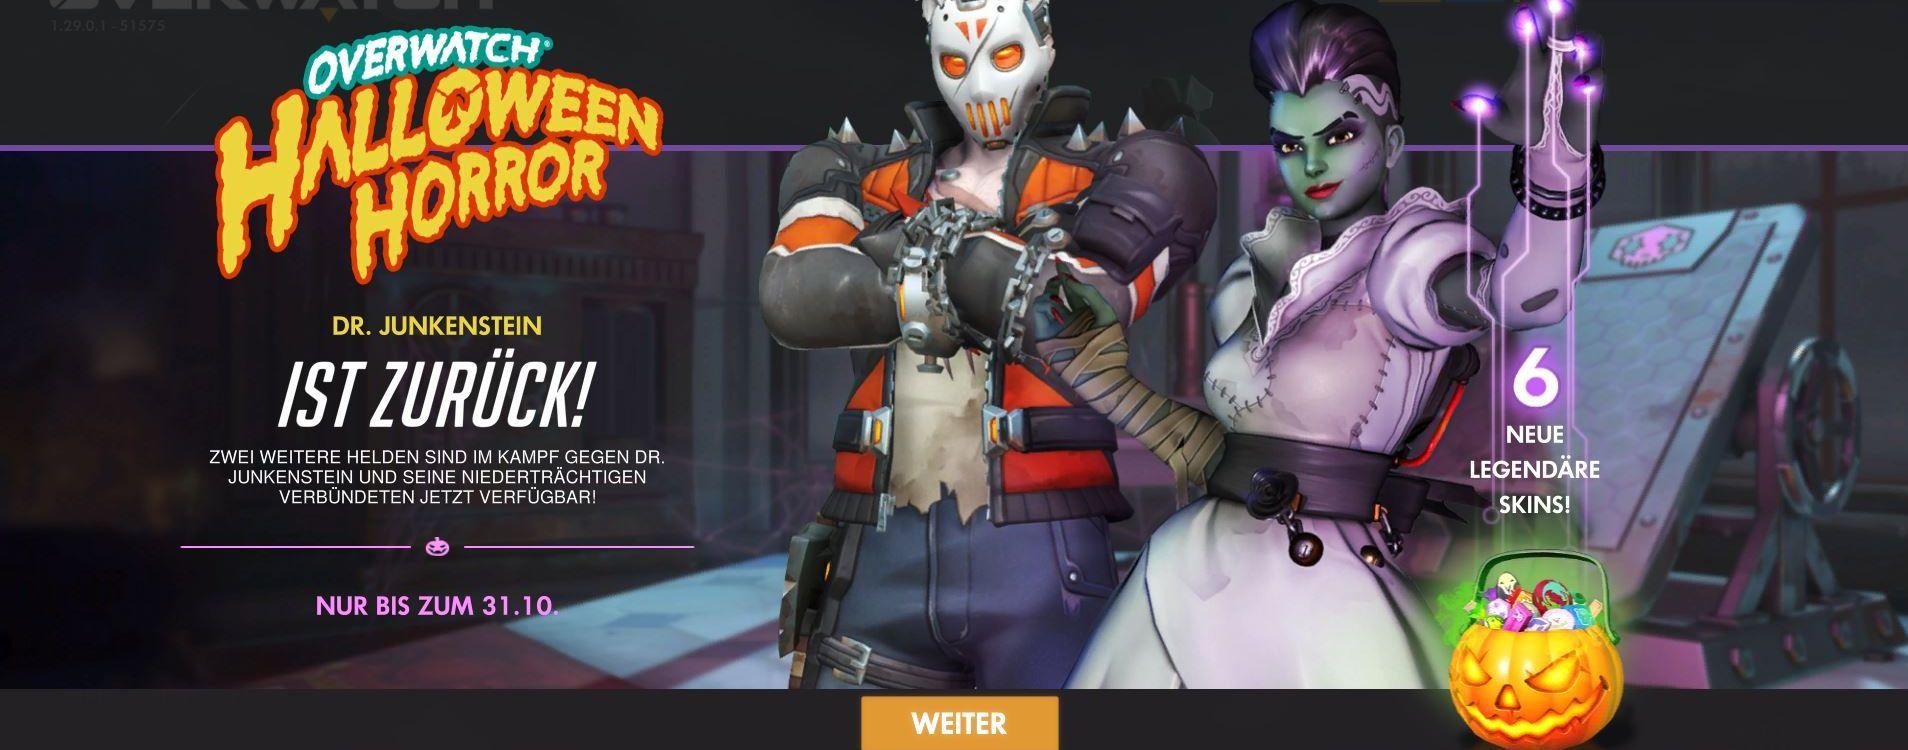 Das Overwatch Halloween-Event 2018 beginnt, seht hier alle Skins